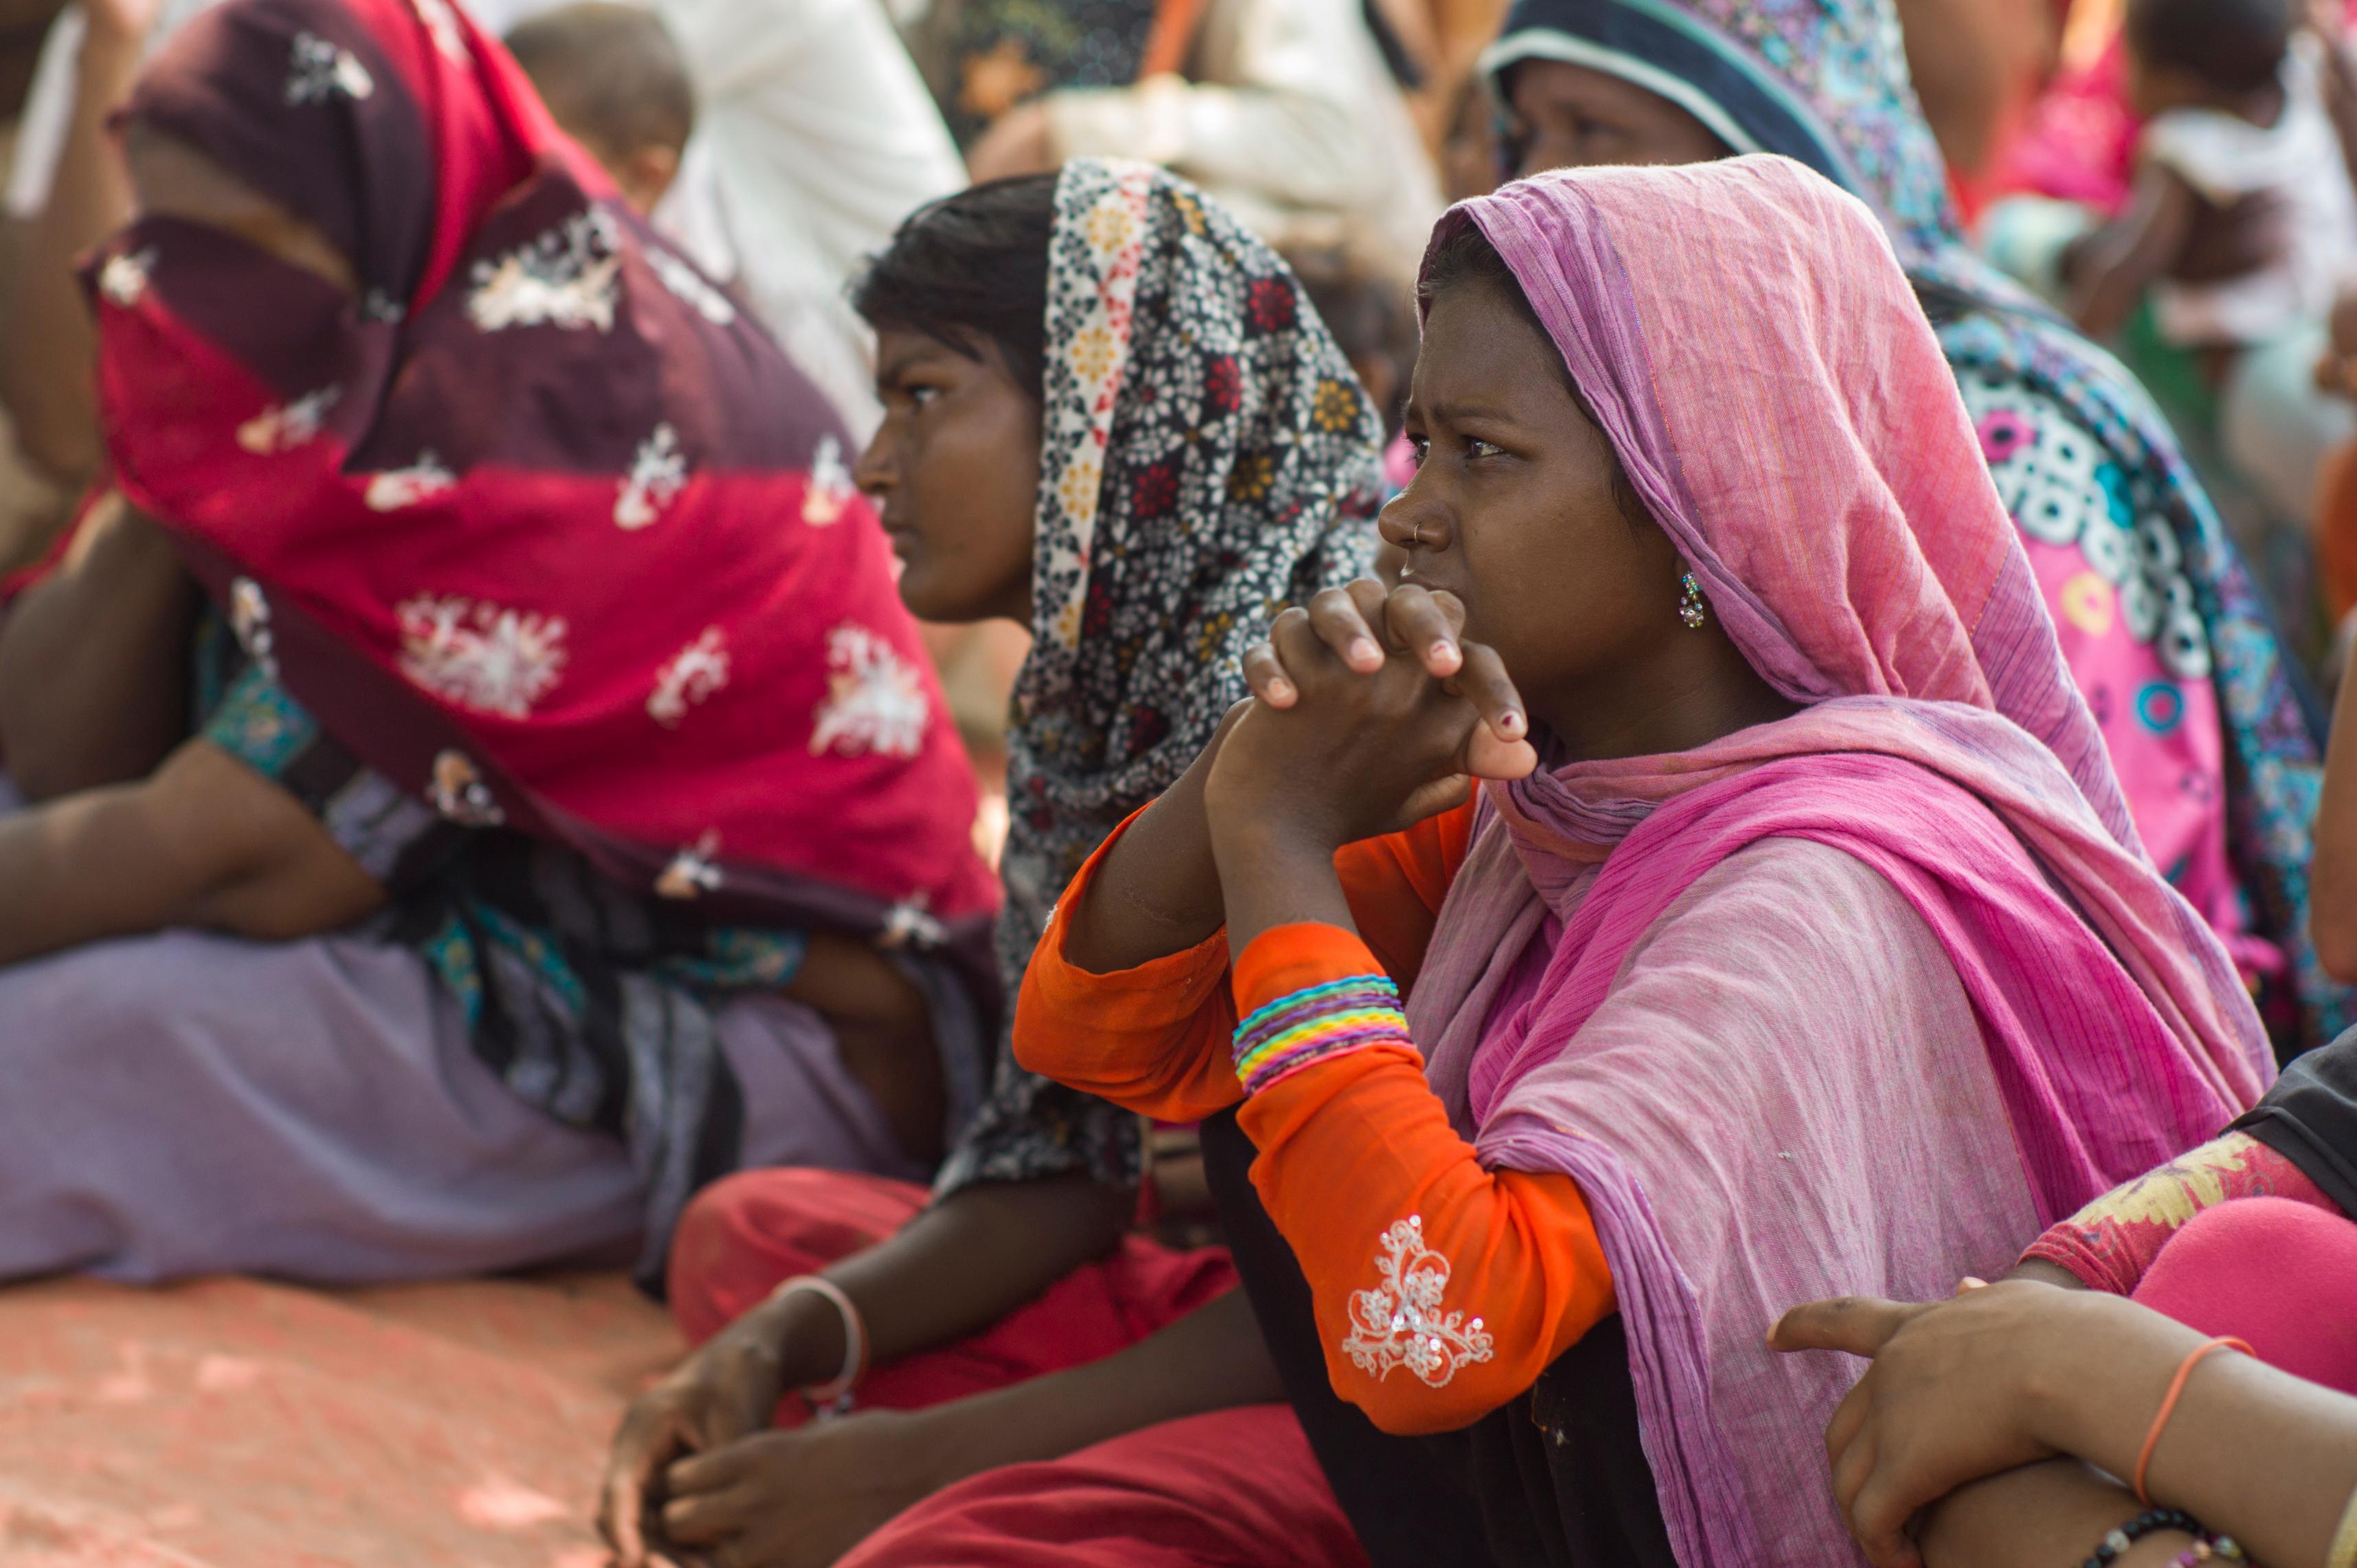 Persécutions des Chrétiens dans le Monde - Page 3 Shutterstock_1061476298